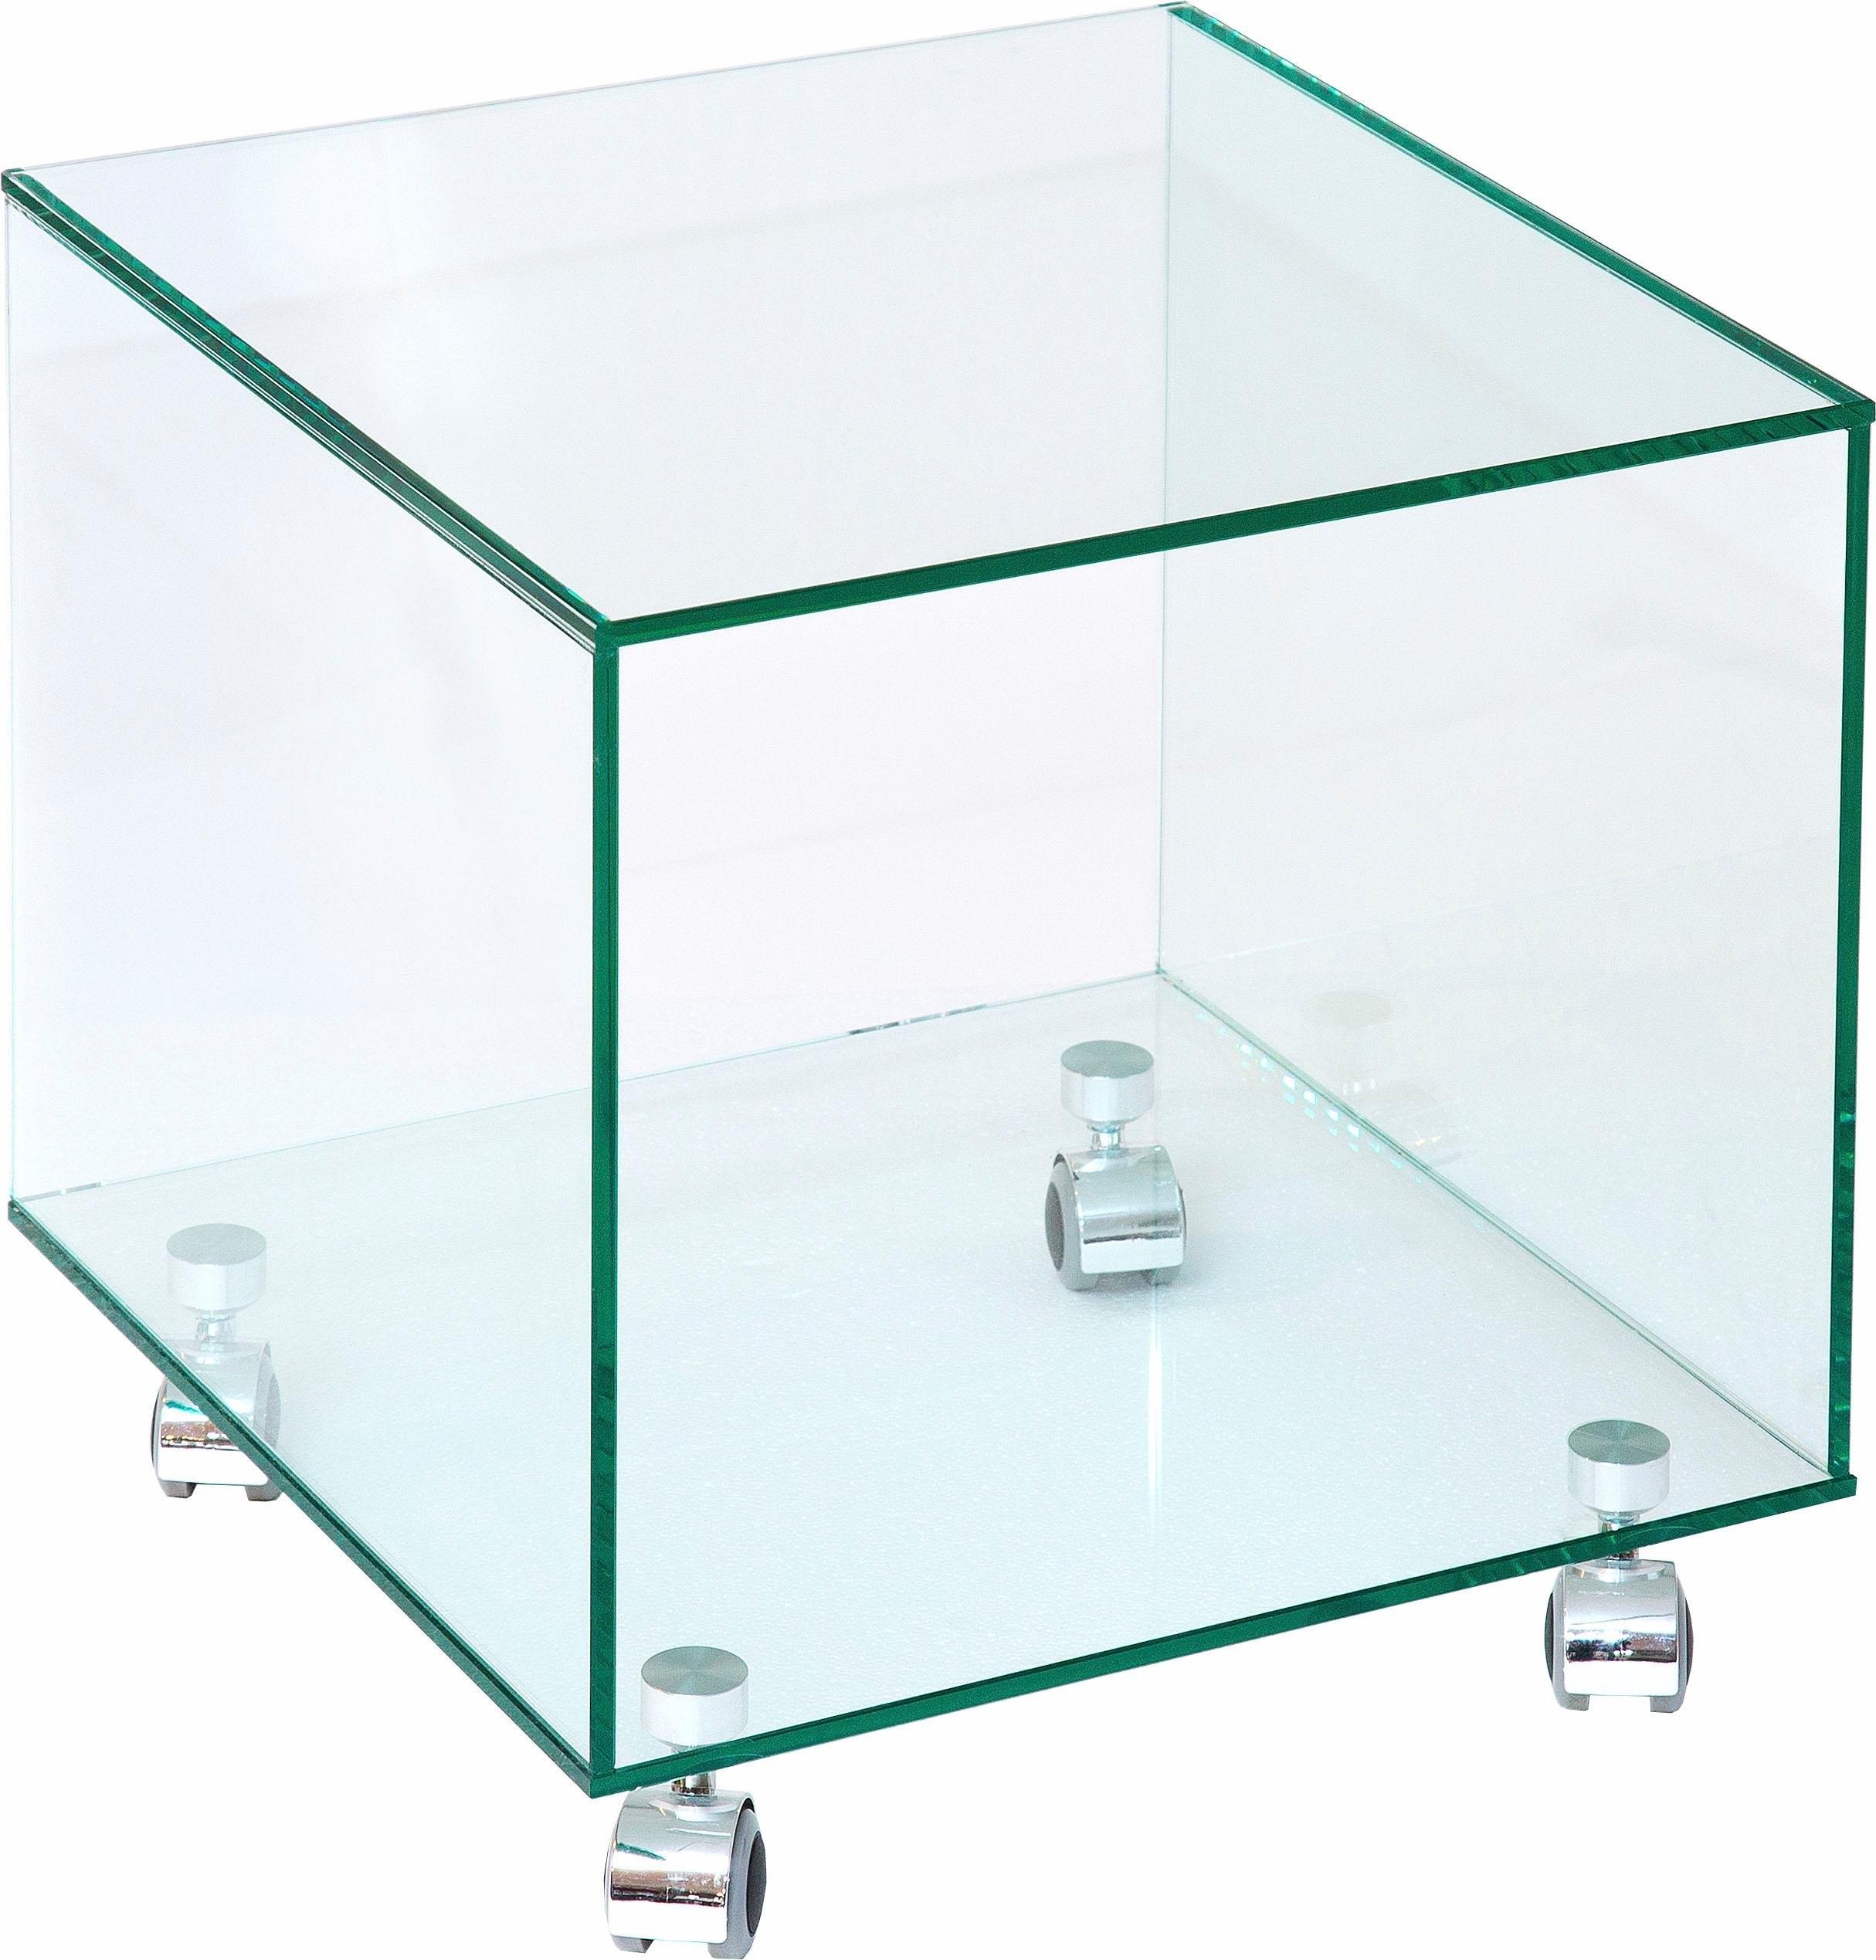 Paroli salontafel op rollen veilig op otto.nl kopen